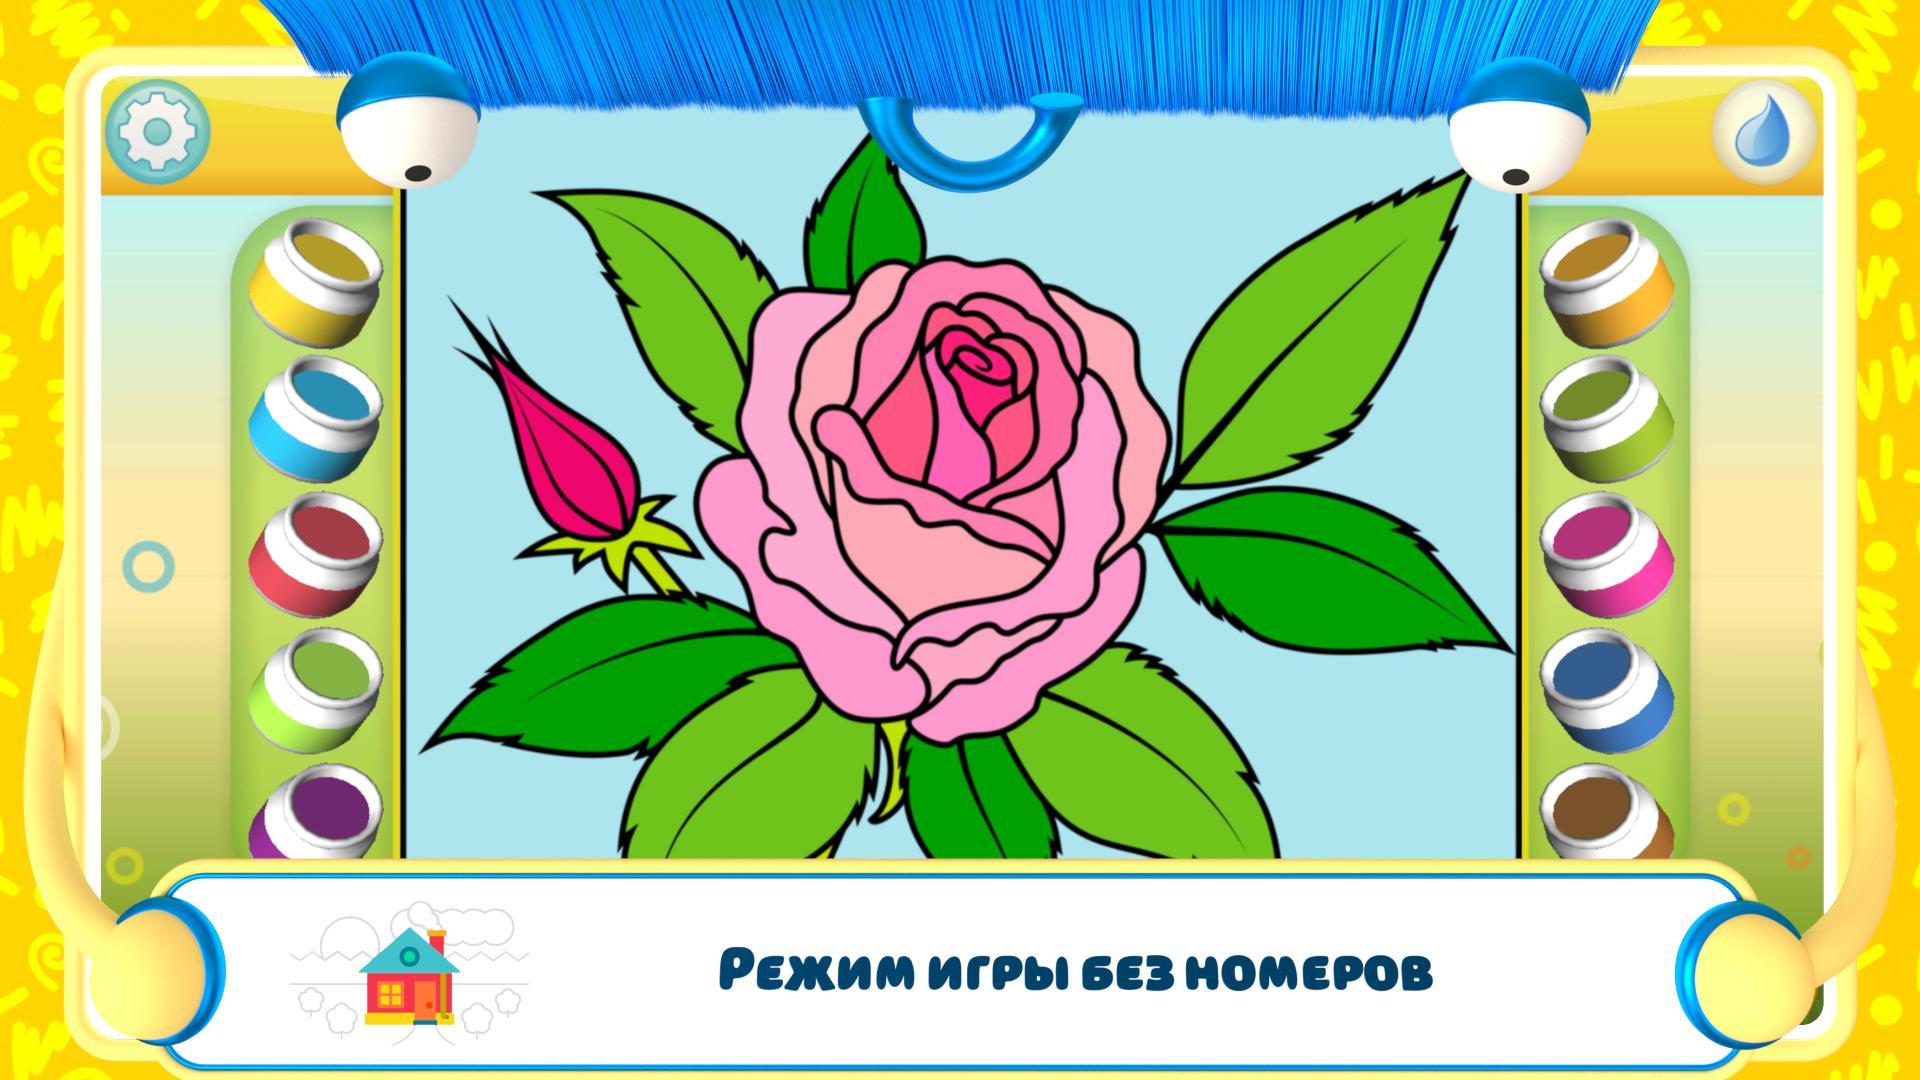 Раскрась по номерам - Цветы для Андроид - скачать APK